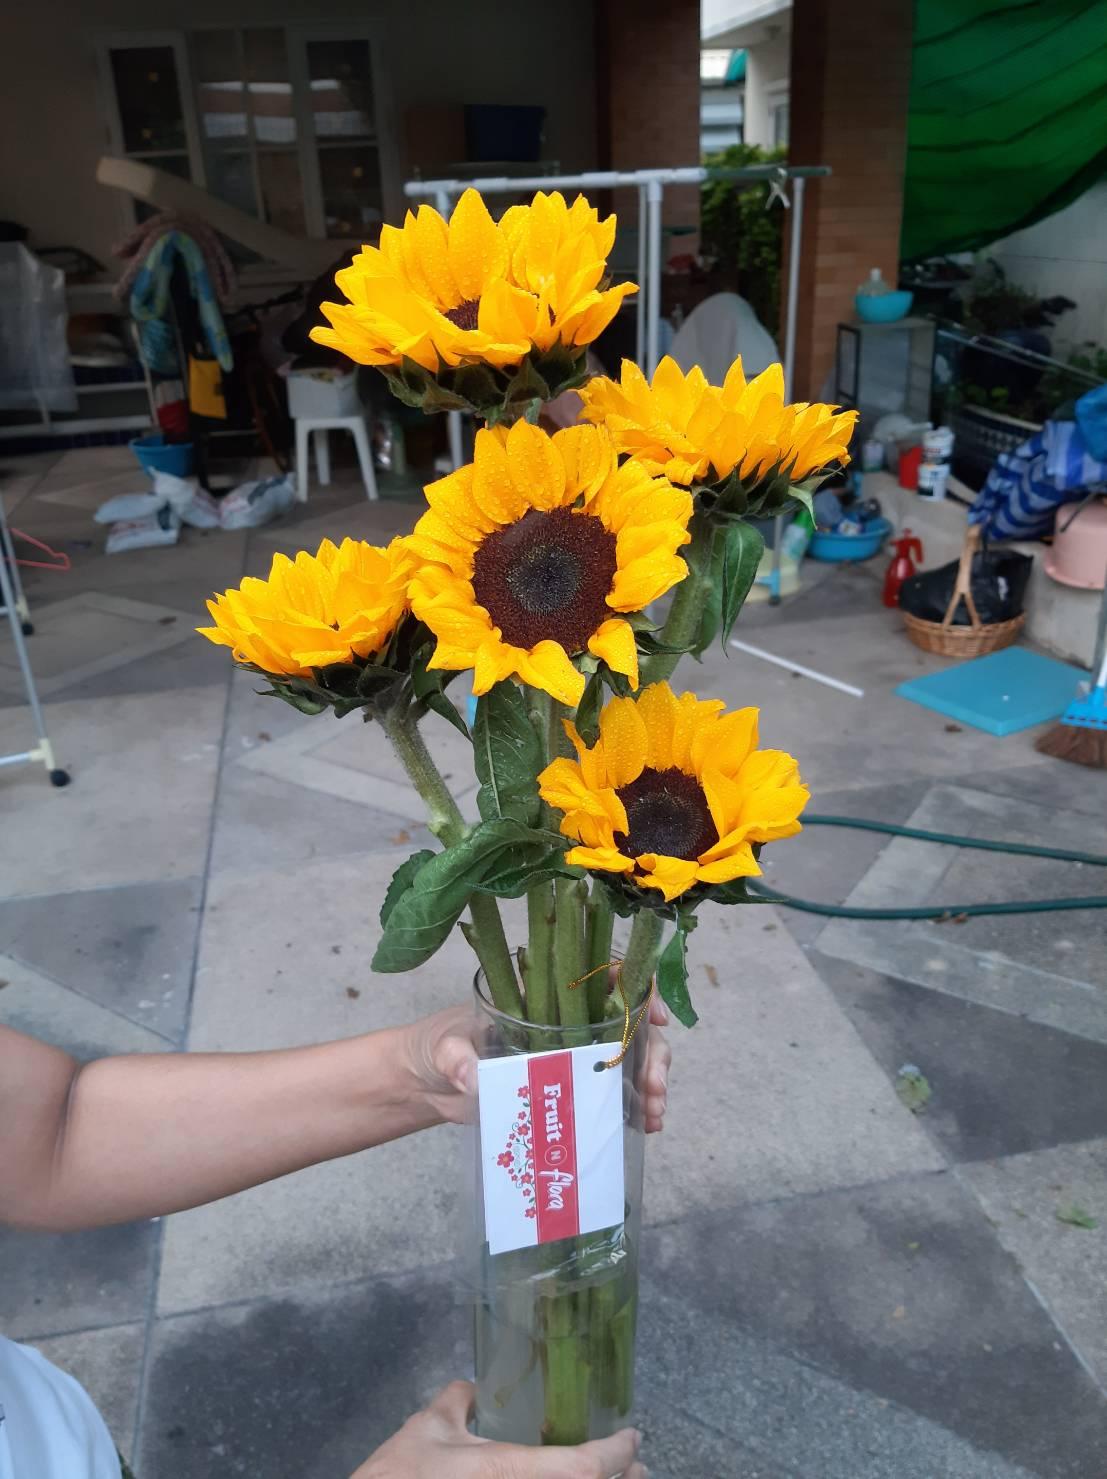 สีเหลืองของดอกทานตะวัน นำมาจัดเป็นแจกันดอกไม้ก็สวยไปอีกแบบ